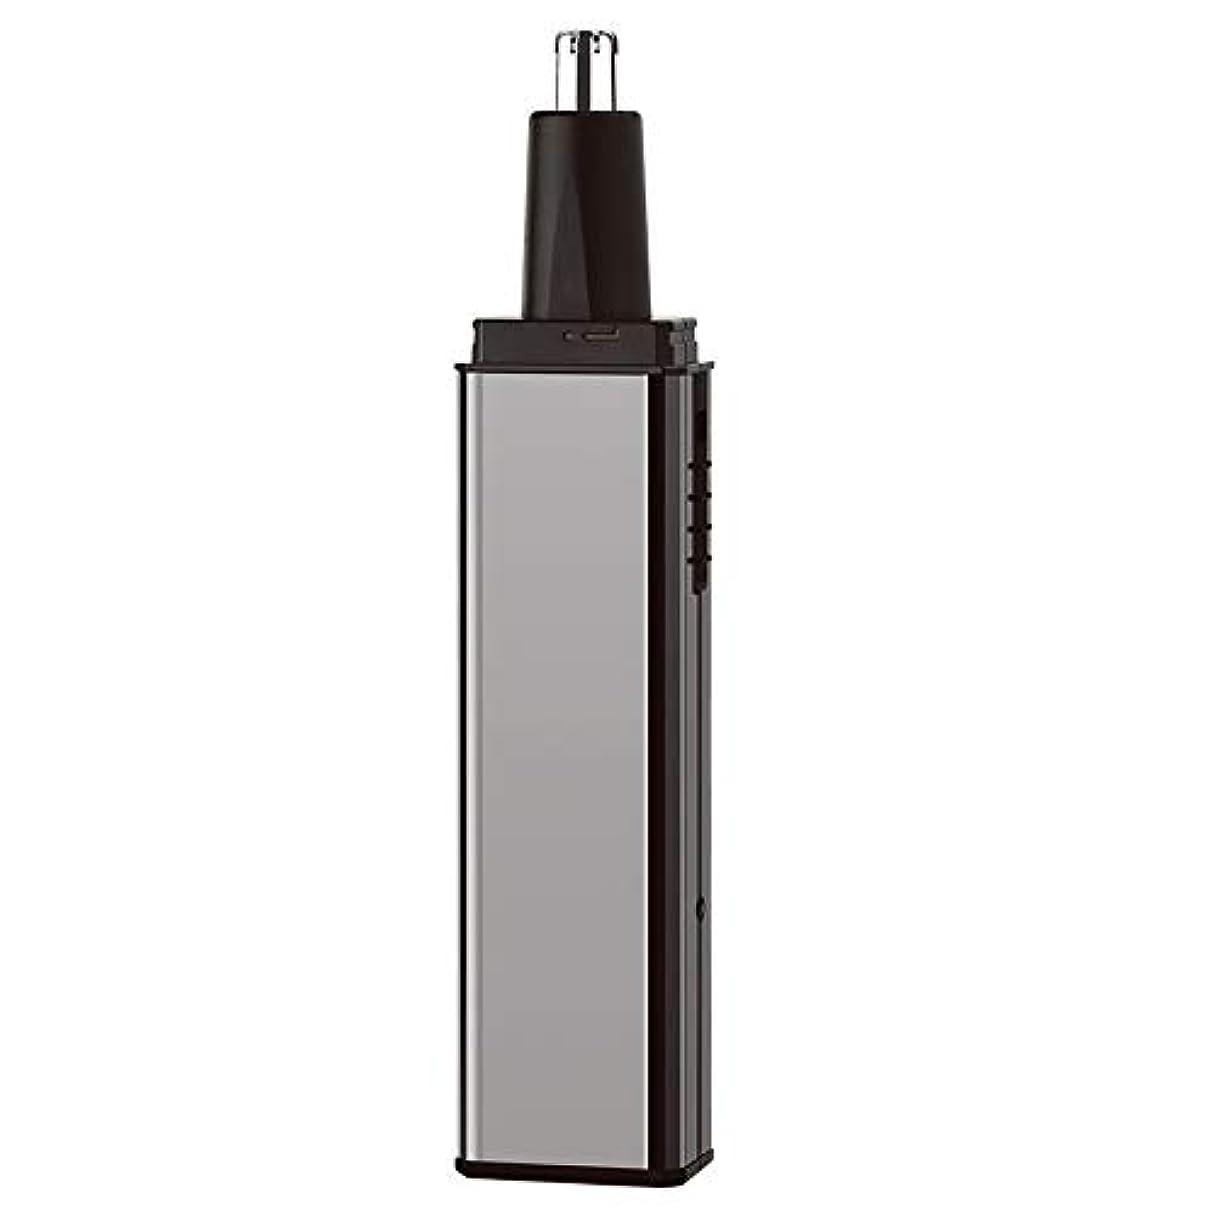 一掃する優れた抗生物質鼻毛トリマー-多機能スーツフォーインワン/電気鼻毛トリマー/ステンレススチール/多機能/ 13.5 * 2.7cm 持つ価値があります